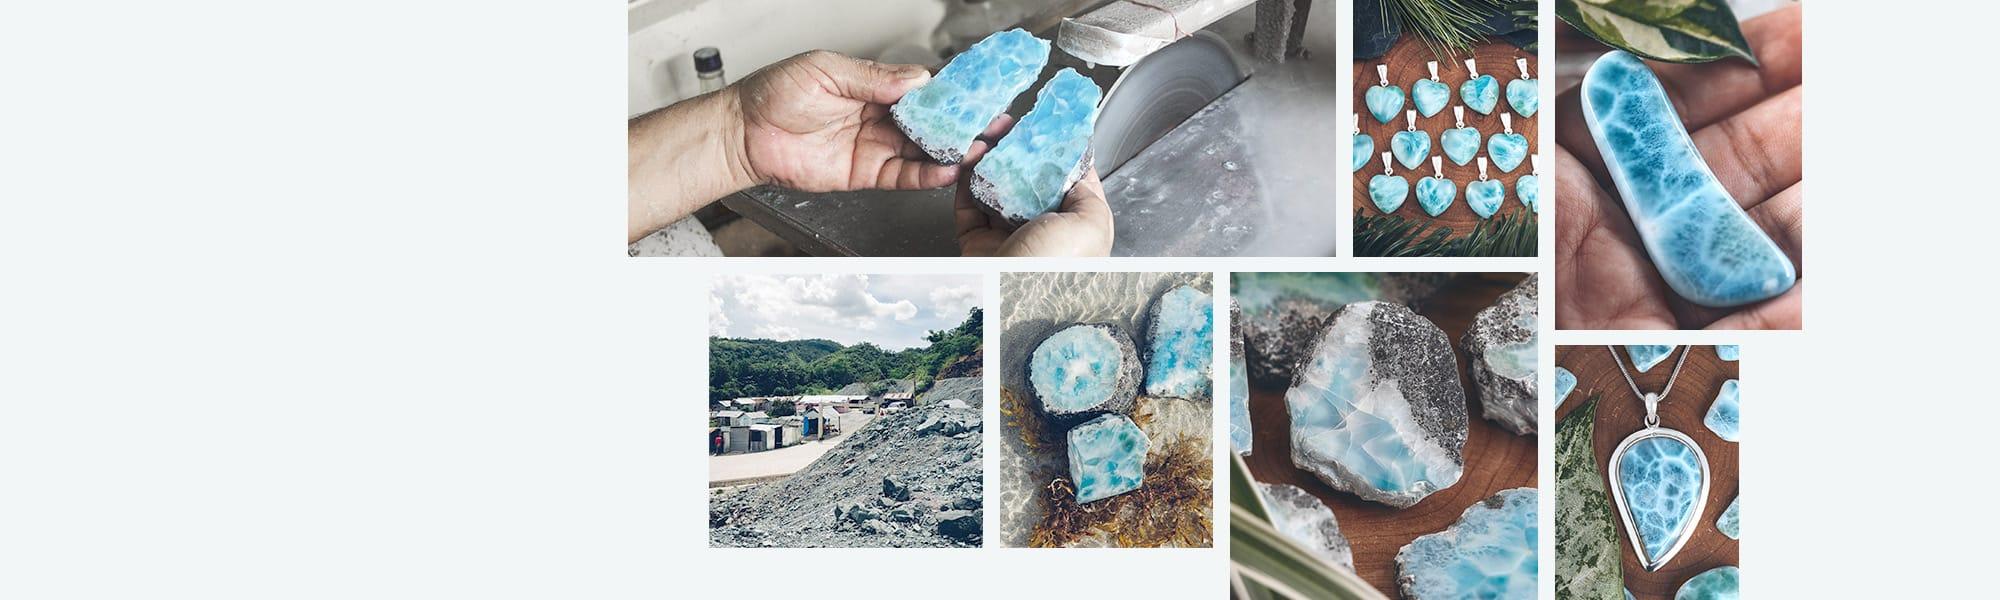 Larimar Mine CONLIGHT Produktion Larimarschmuck Larimar Stein Atlantisstein 1 – CONLIGHT